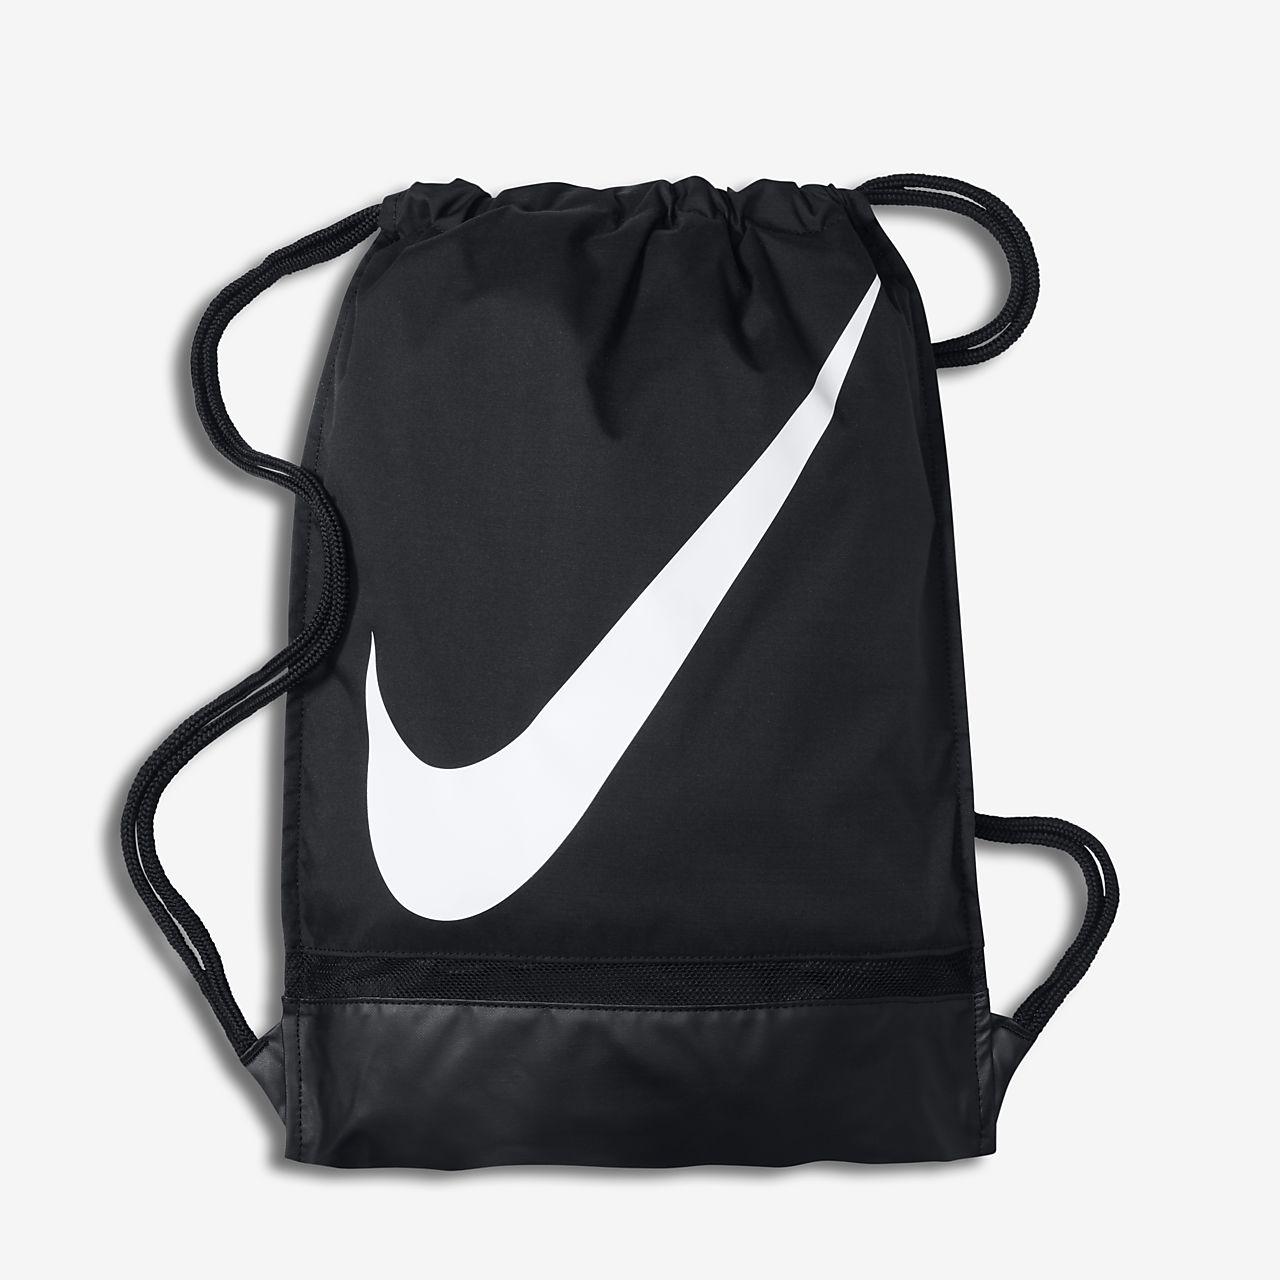 Worek na sprzęt piłkarski Nike